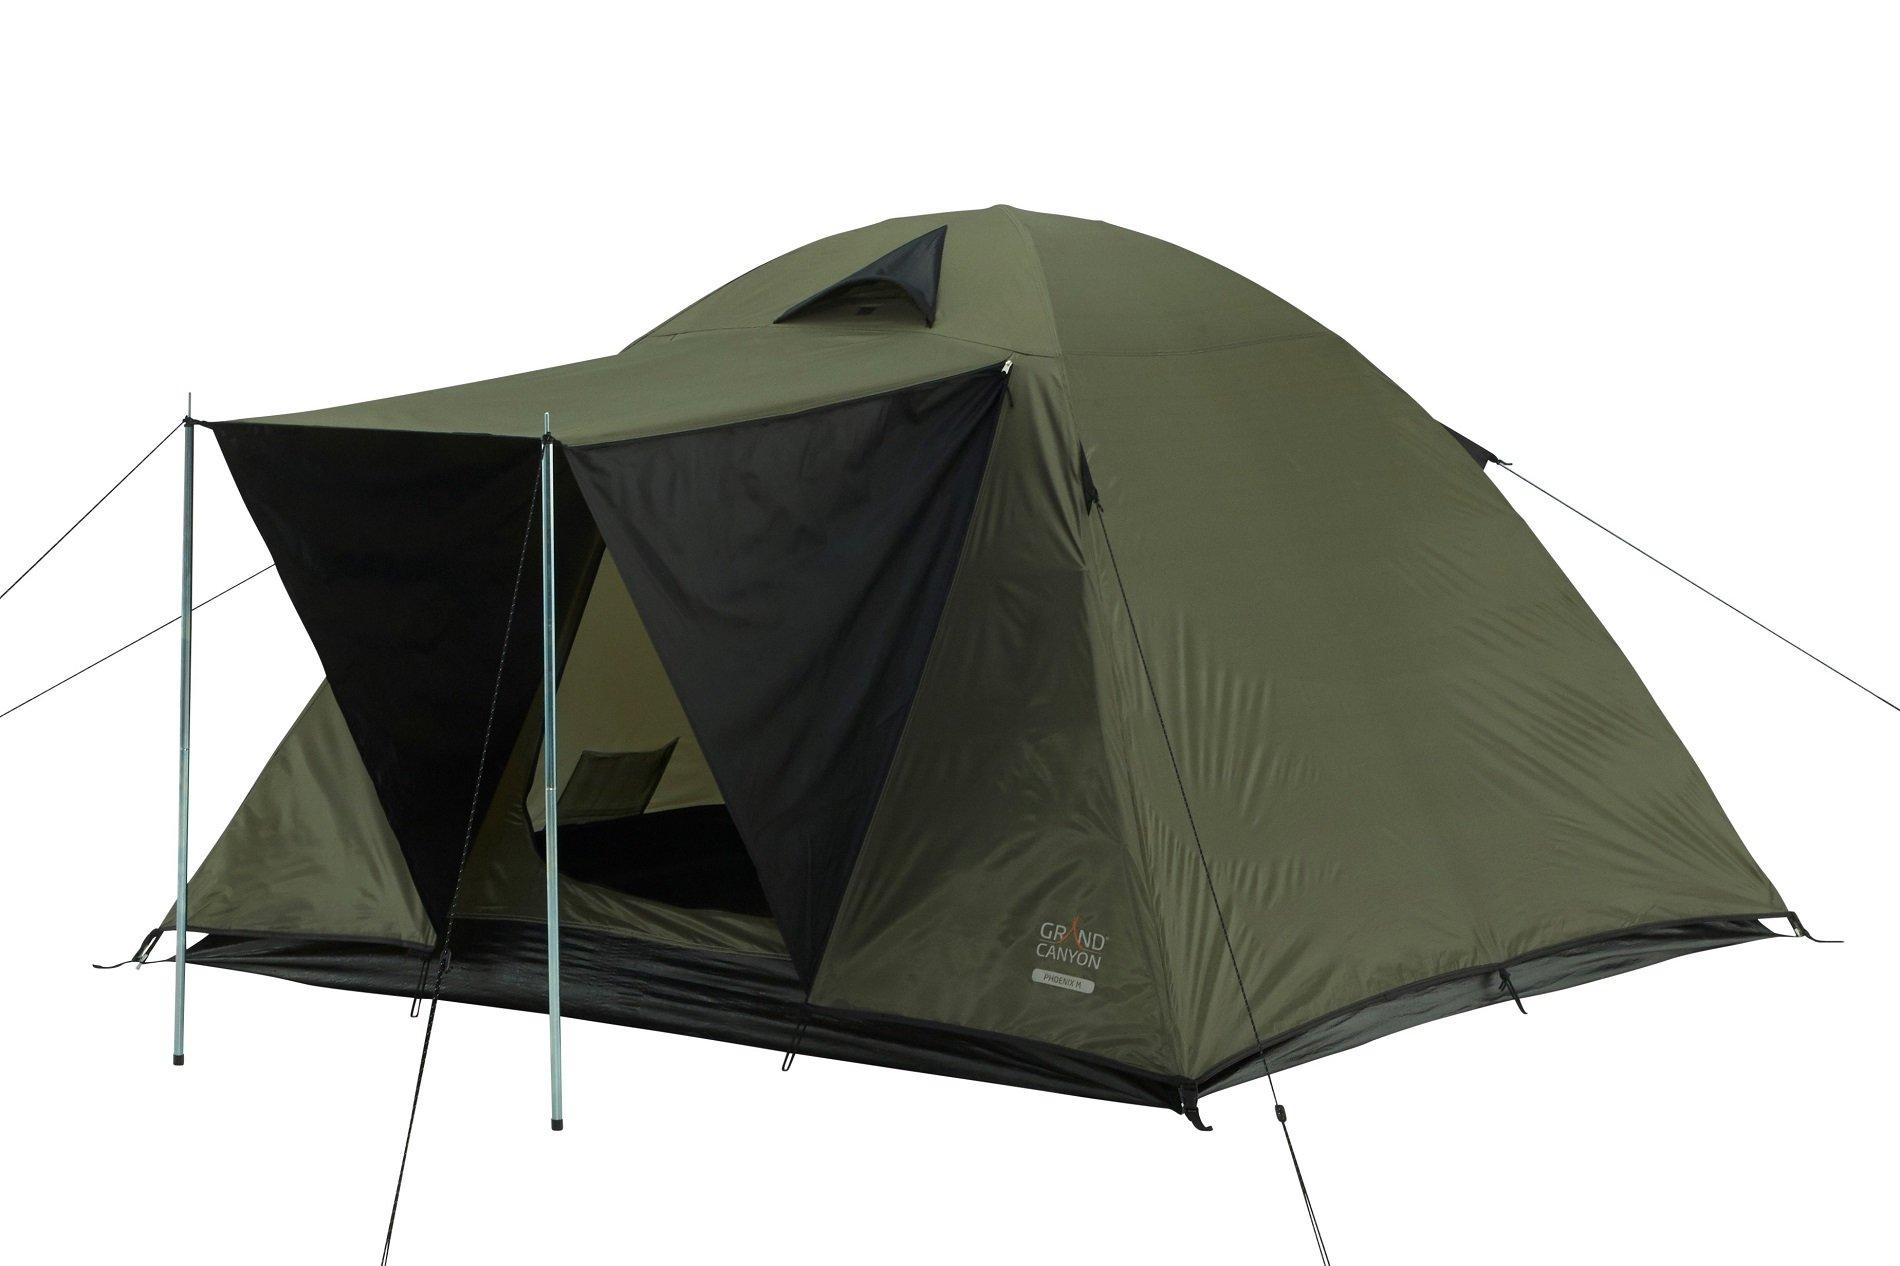 GRAND CANYON Phoenix L - Tente dôme, différentes couleurs product image